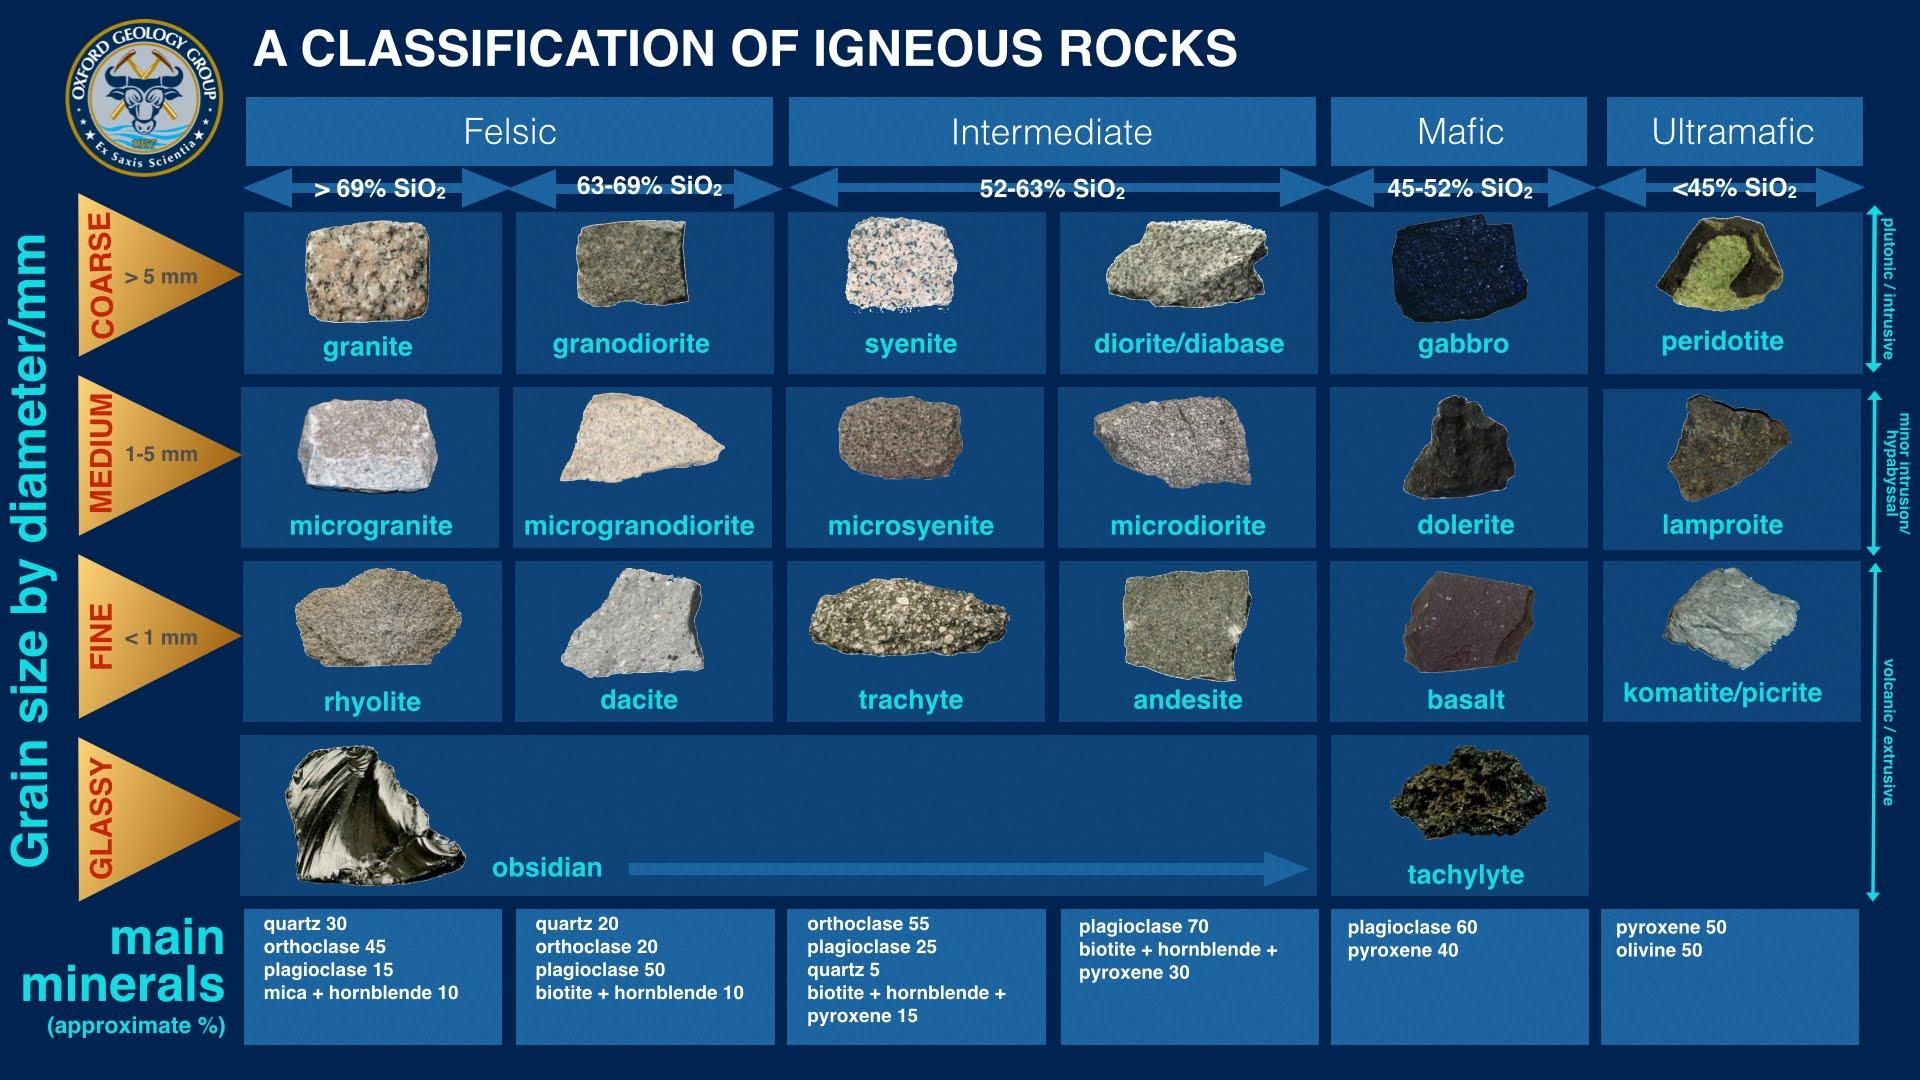 https://www.nps.gov/subjects/geology/rocks.htm